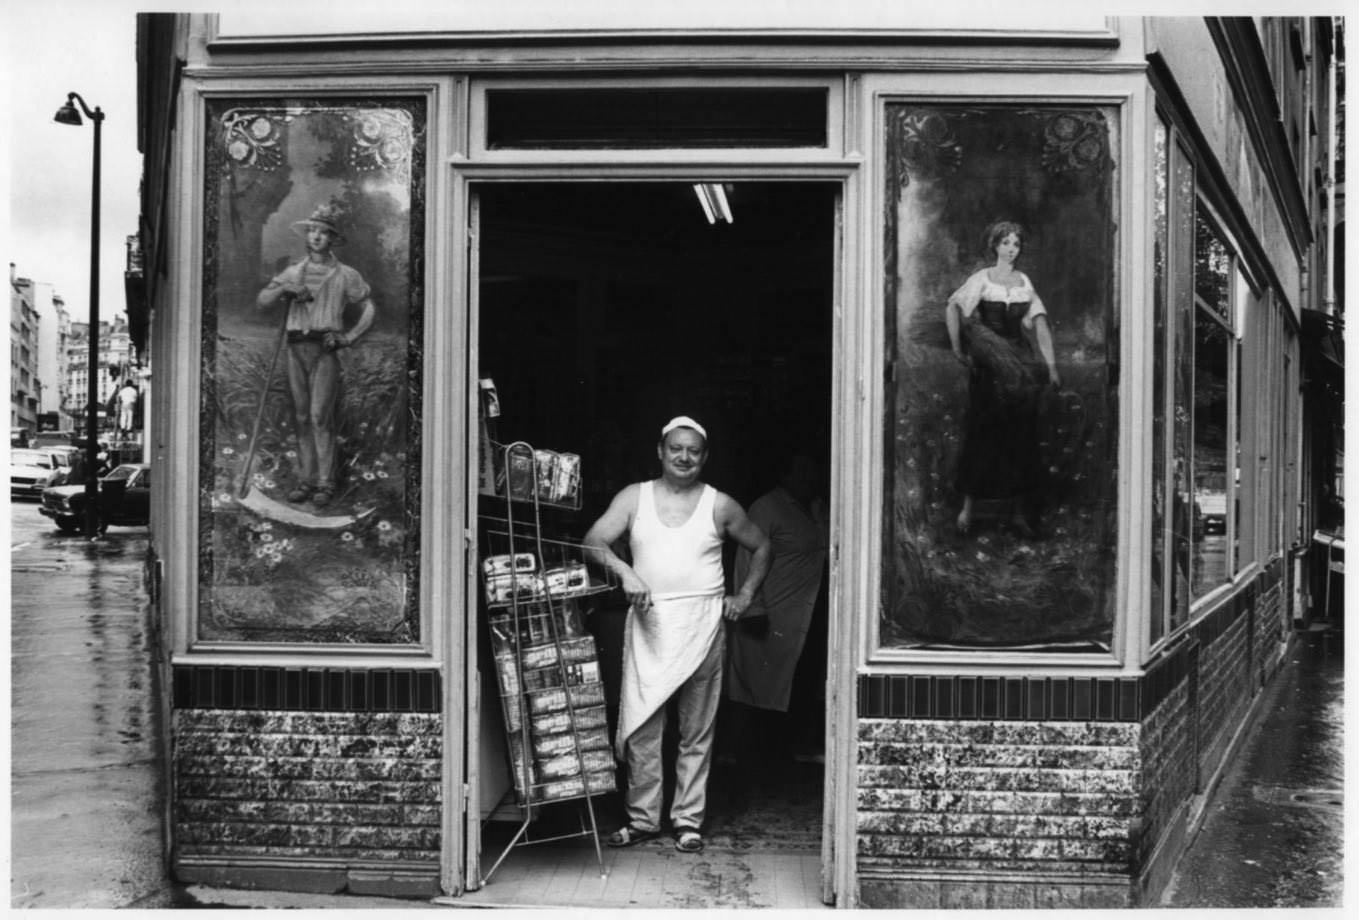 9681:15 Le boulanger de la rue Ordener, Paris 1971 .jpg